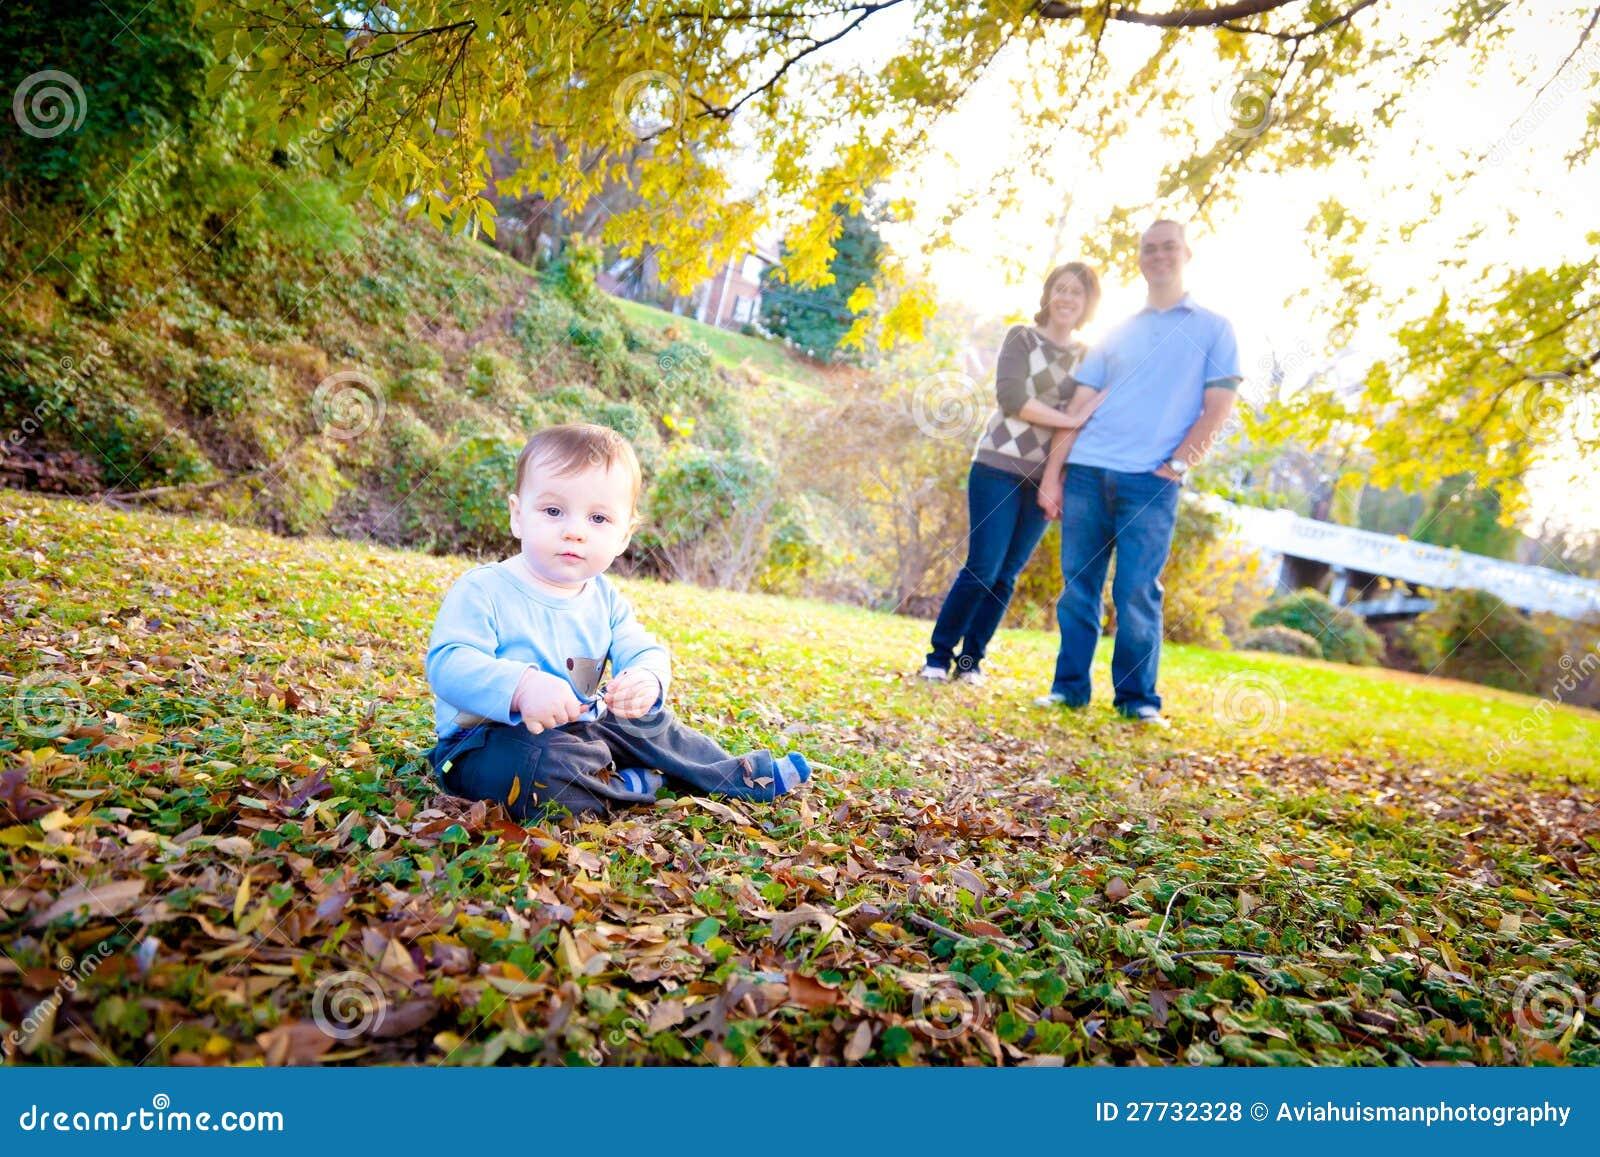 Nettes Baby draußen mit seinen Muttergesellschaftn